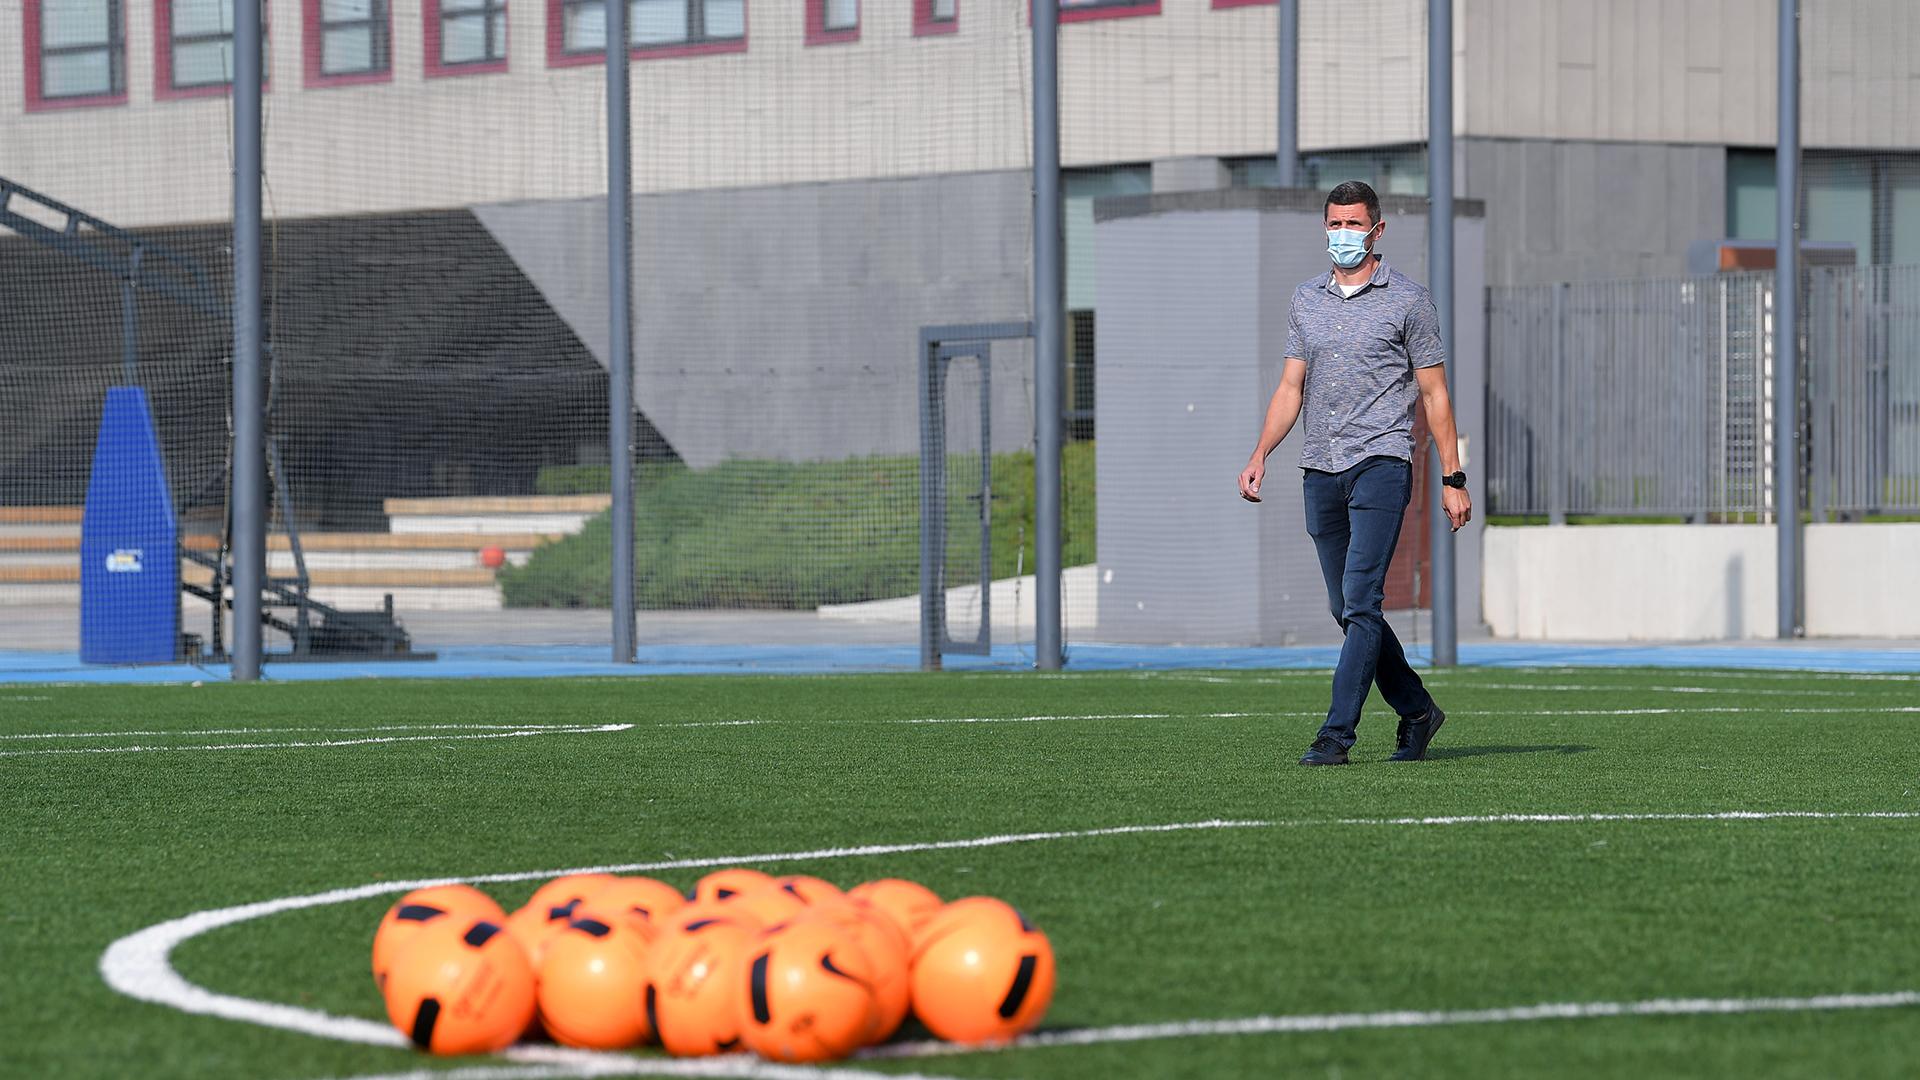 Сергей Кривцов поиграл в футбол с детьми с особенностями развития (Фото) - изображение 1